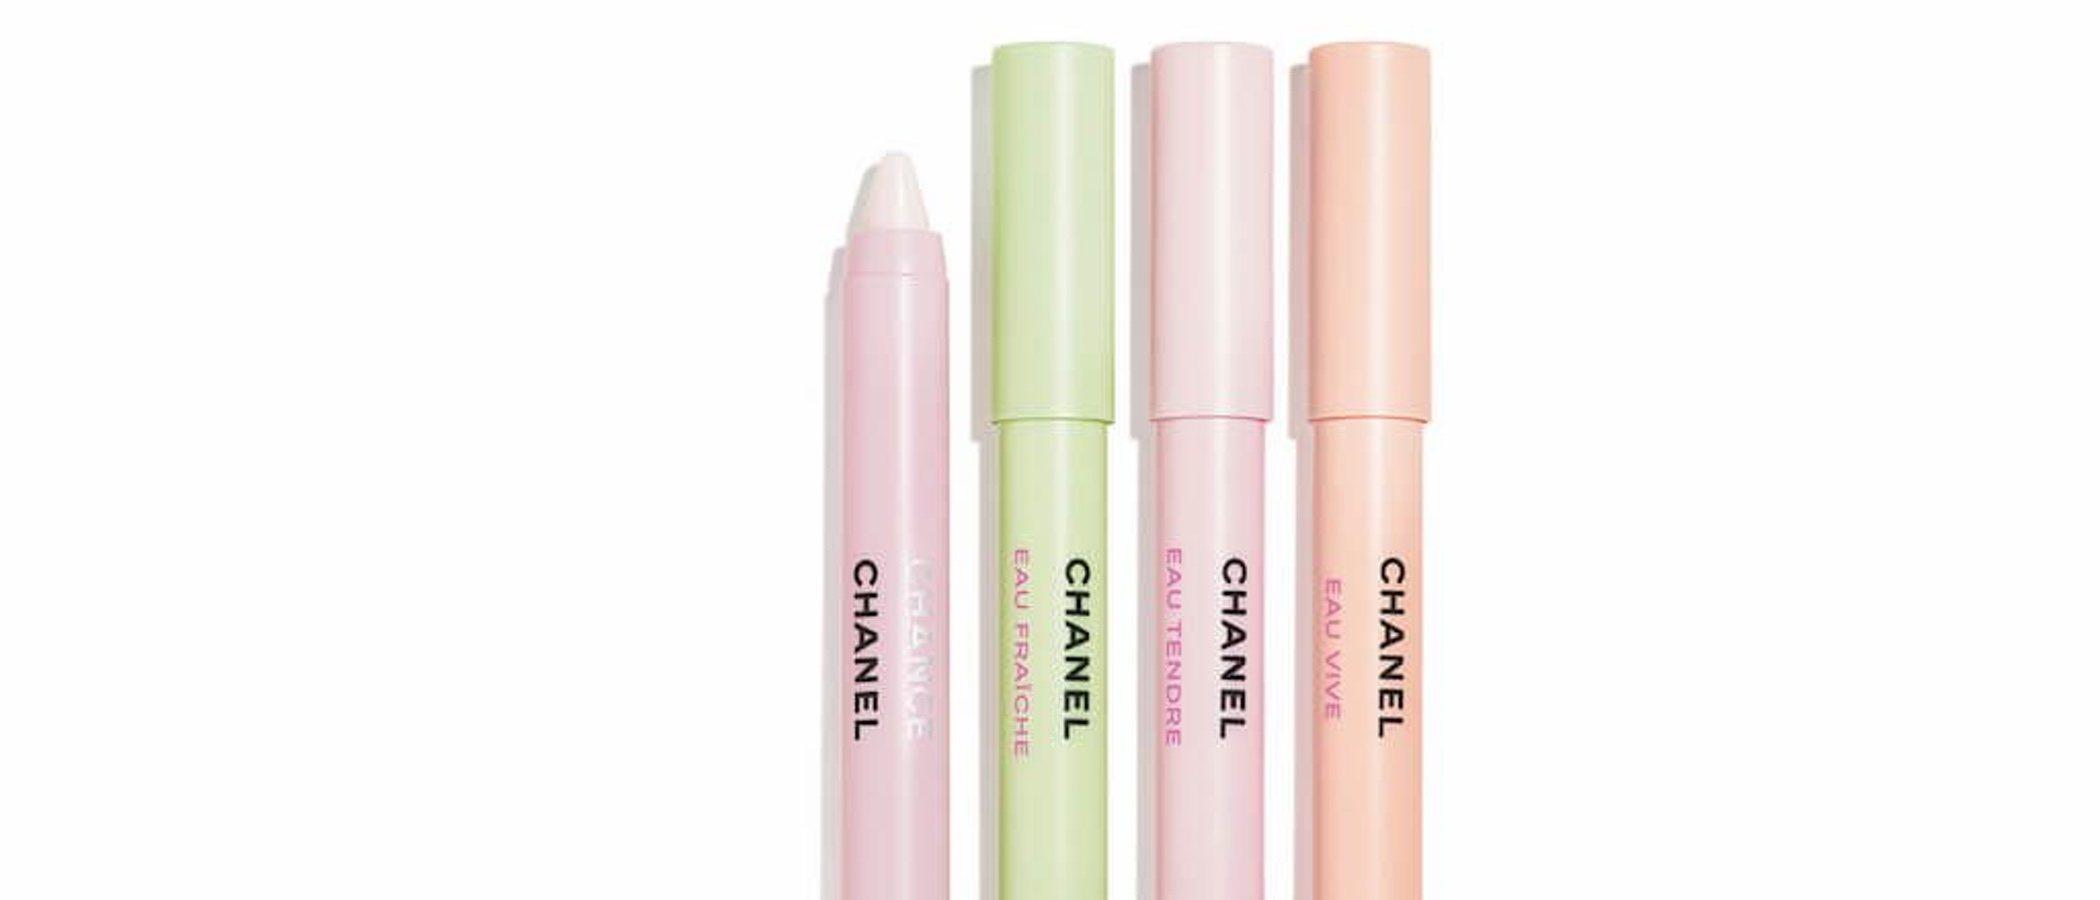 Chanel transforma su icónico perfume en formato lápiz